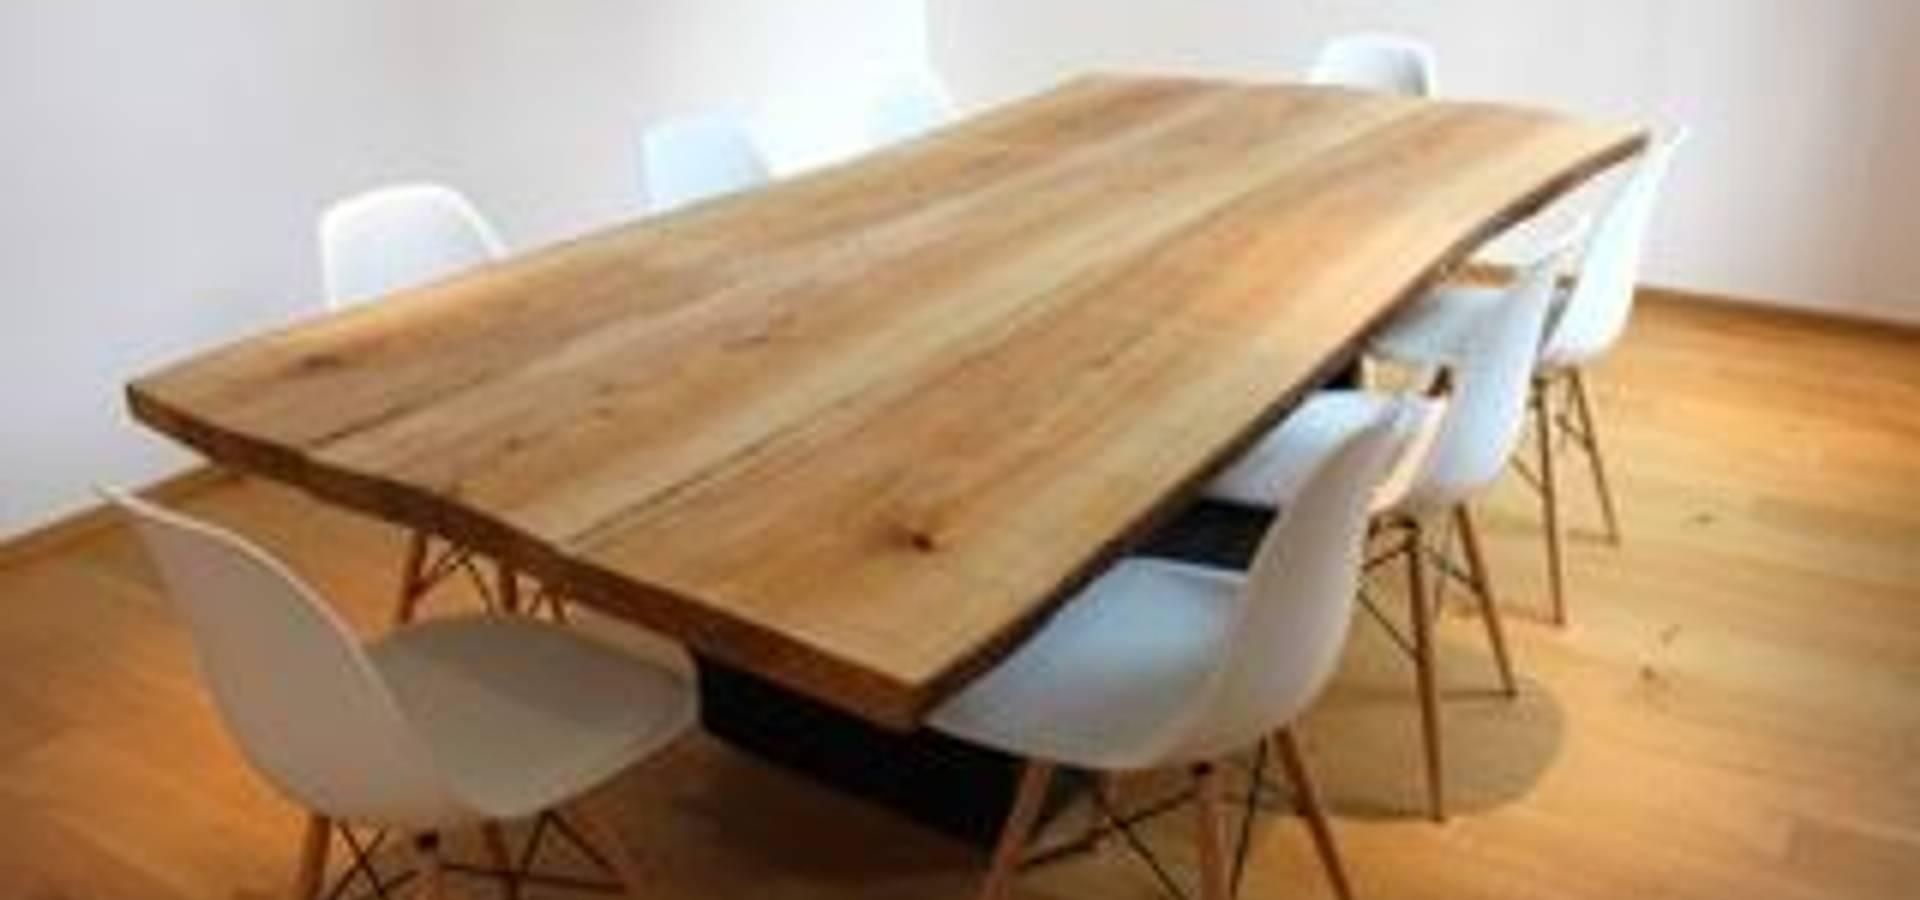 Wood Wapiti